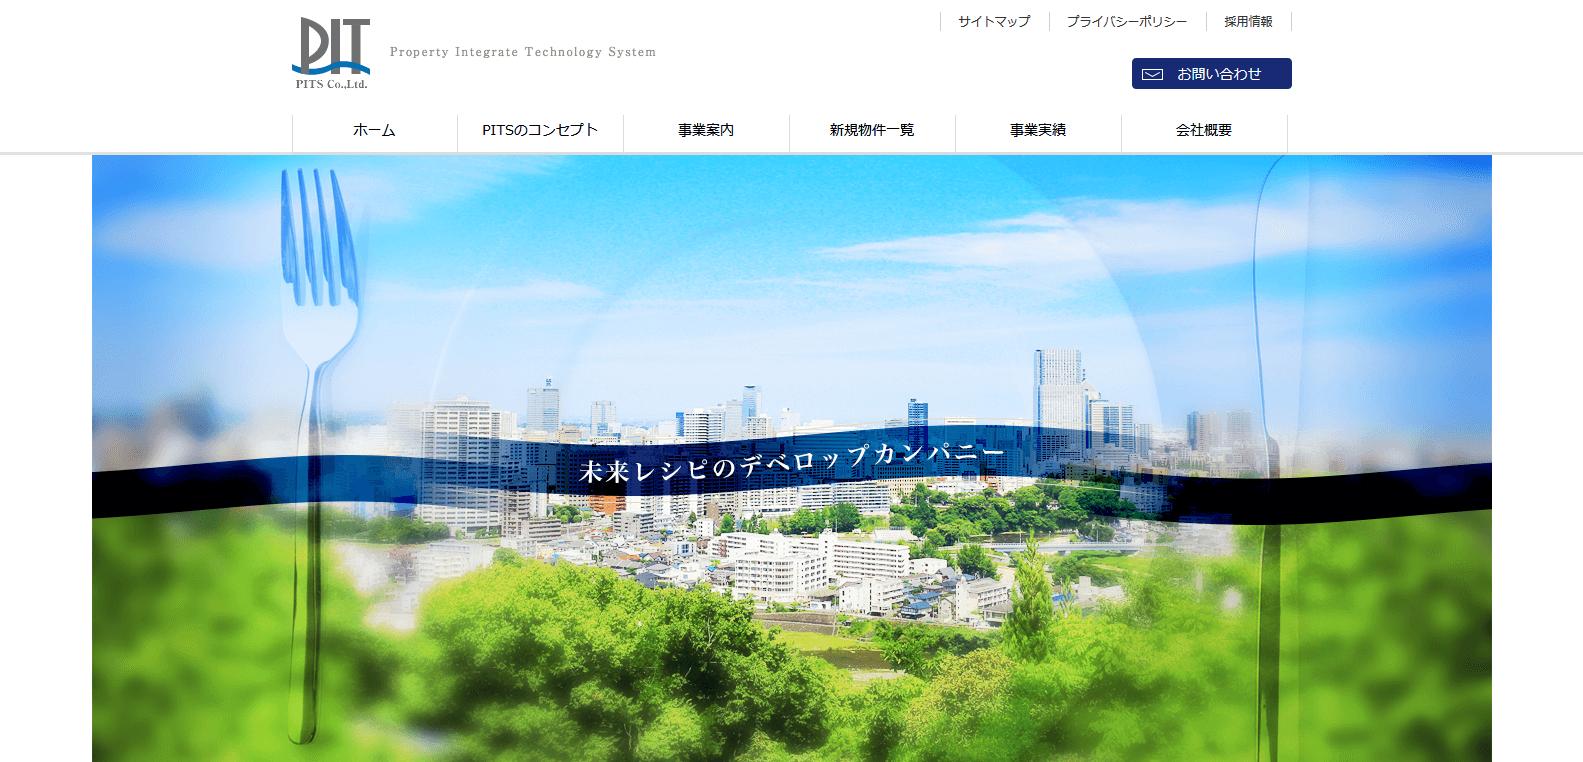 PITS様コーポレートサイト